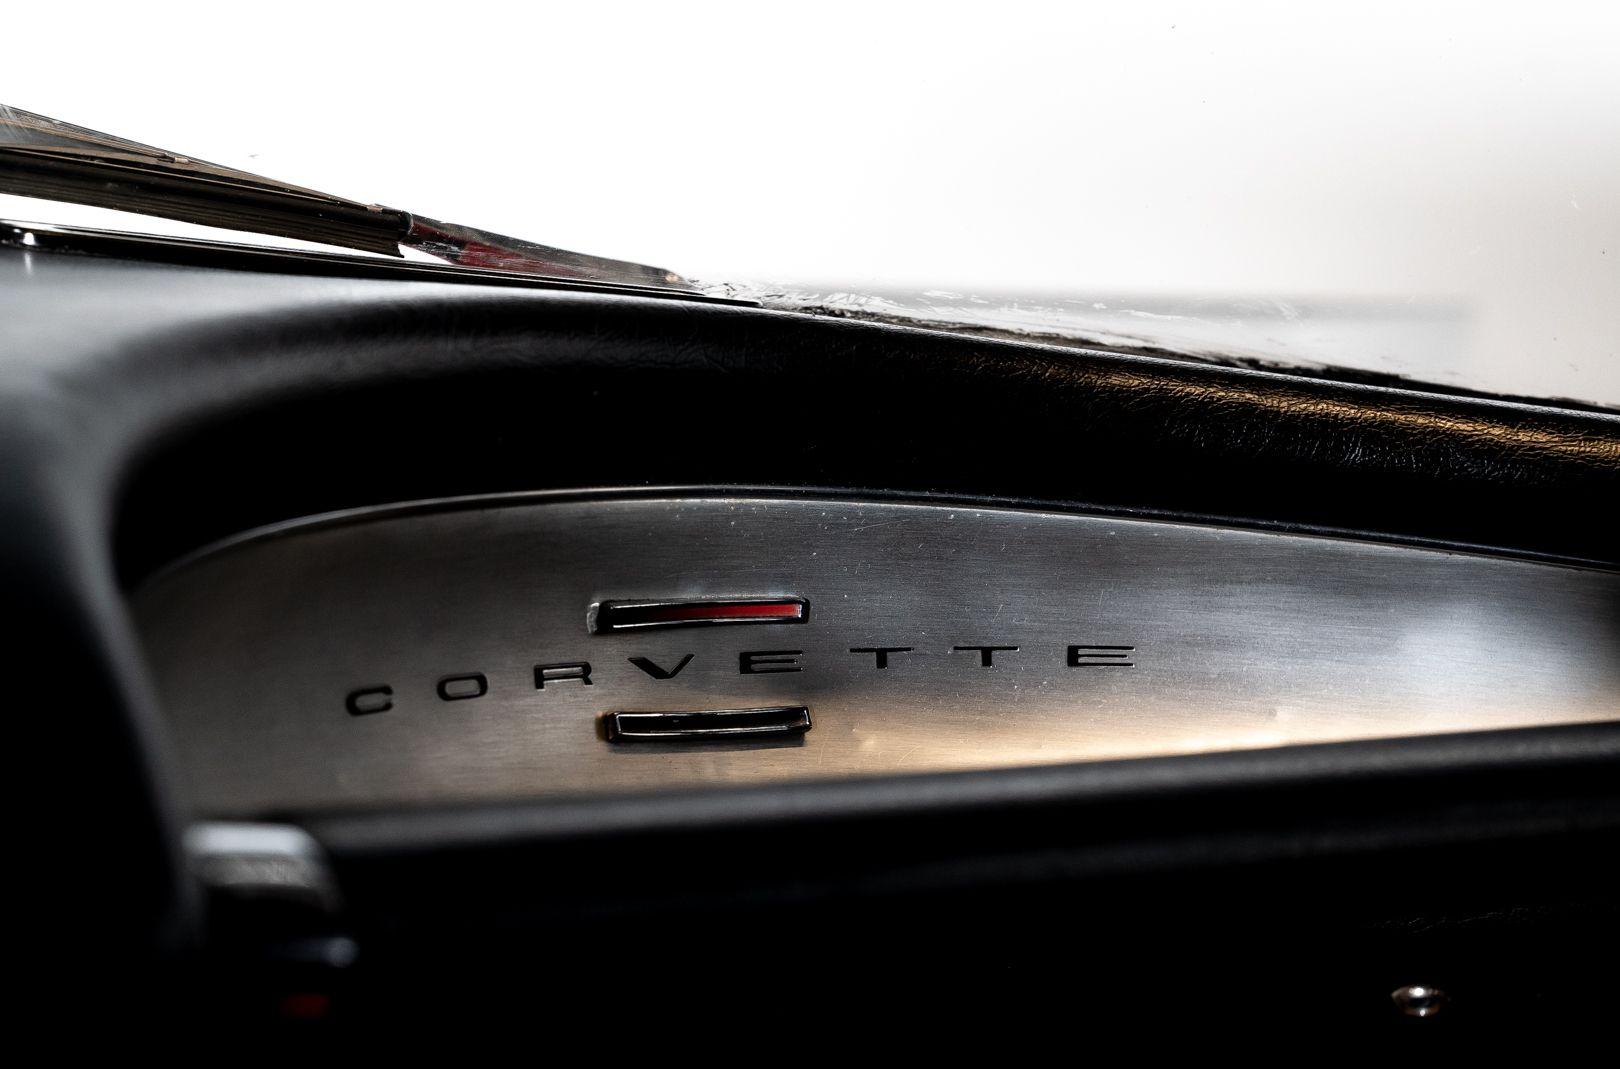 1962 CHEVROLET CORVETTE C1 56532